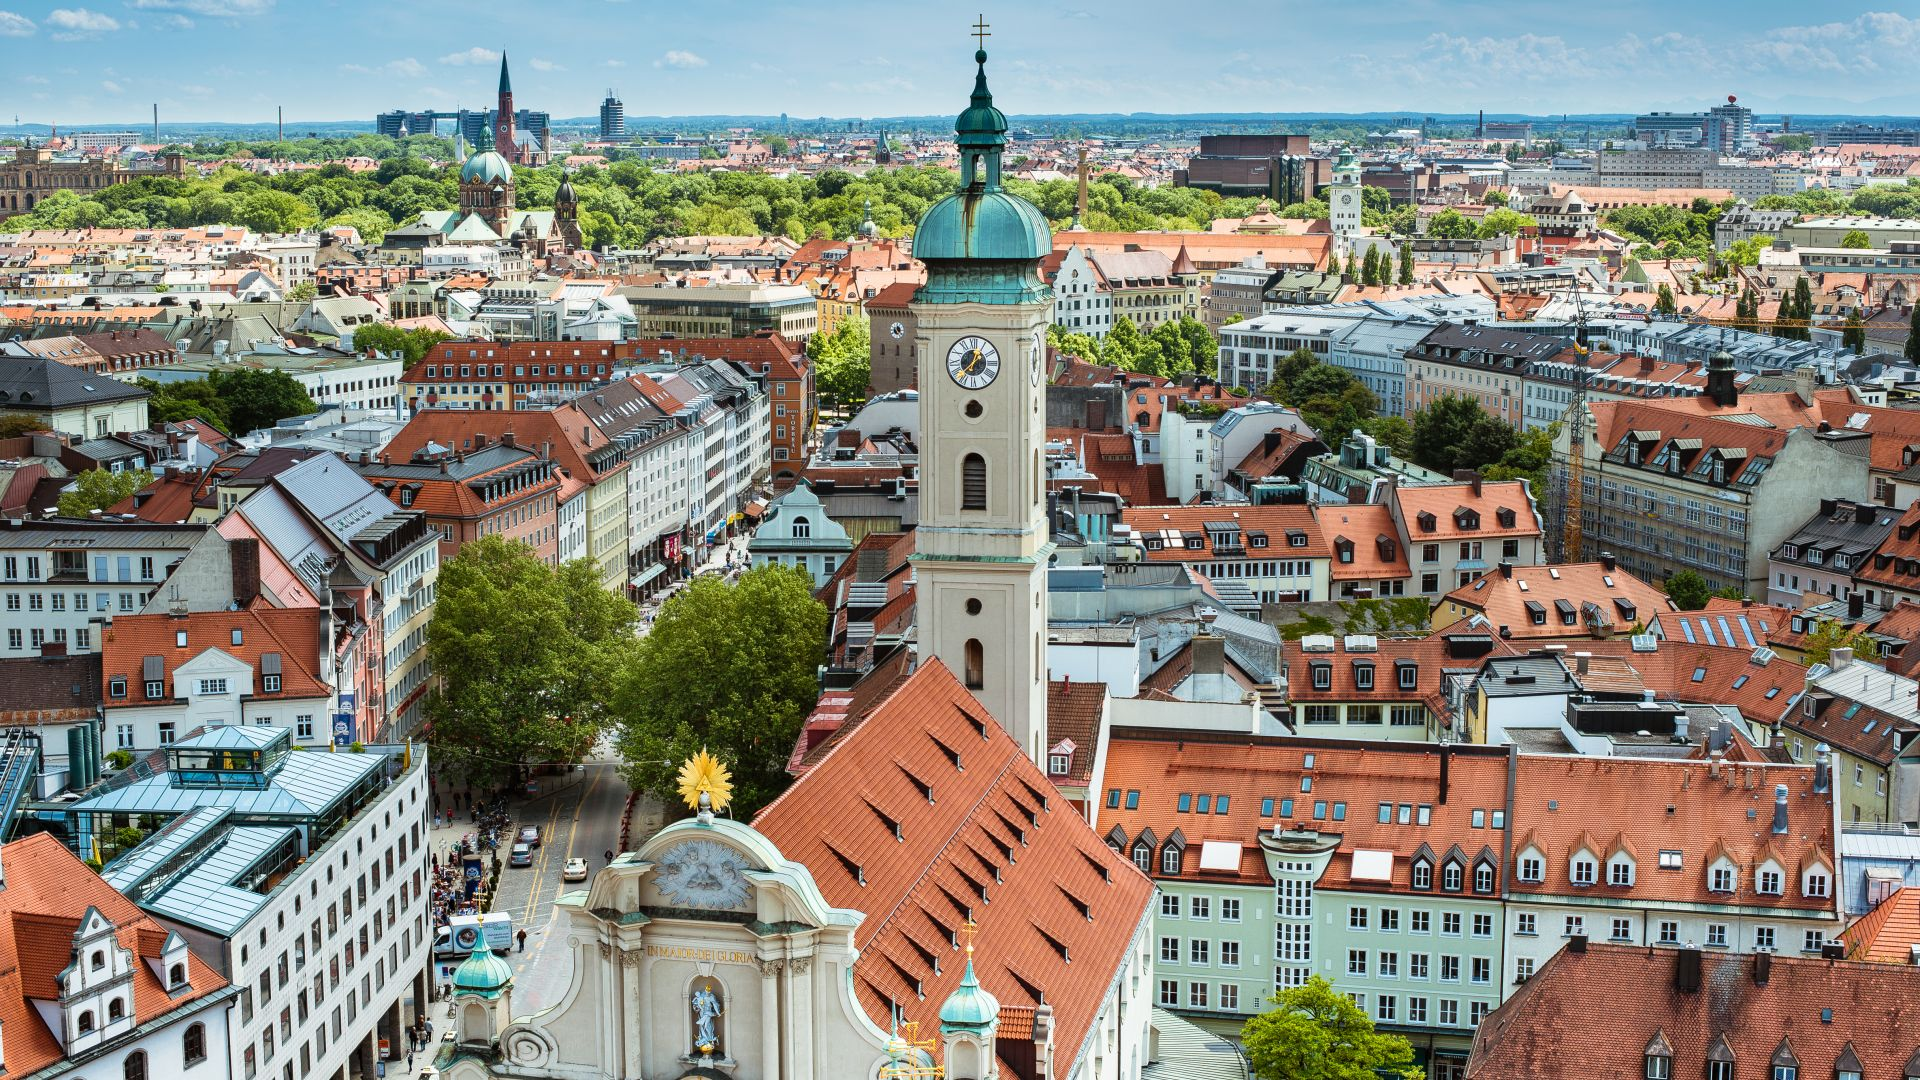 München: Heilig-Geist-Kirche Richtung Viktualienmarkt, Stadtansicht